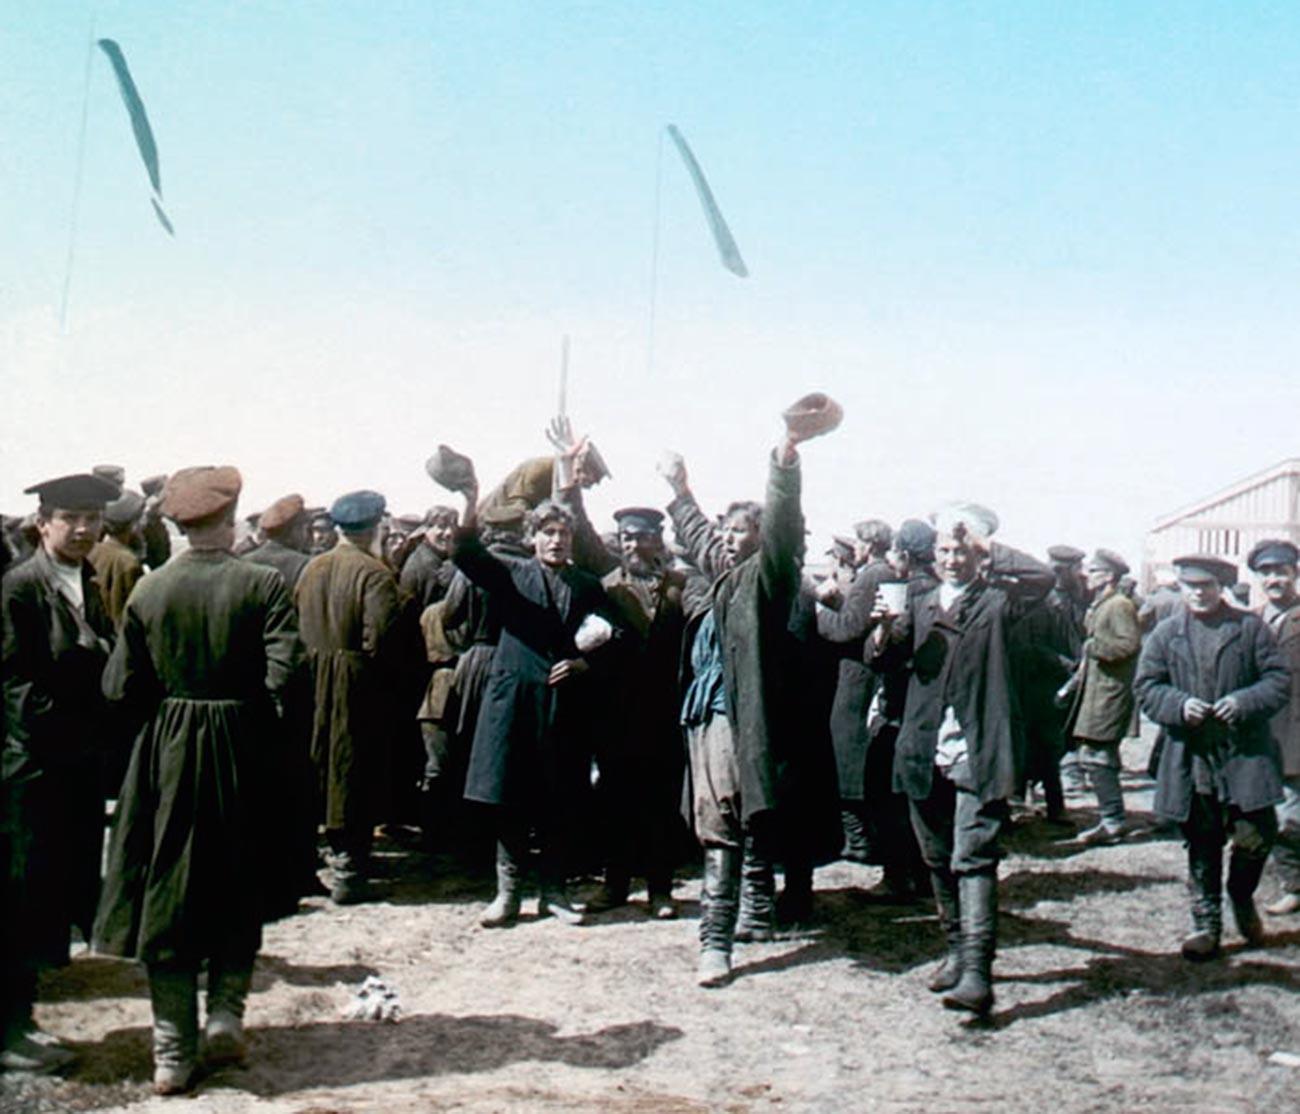 1896年5月30日、ホドゥインカ原での祝賀行事